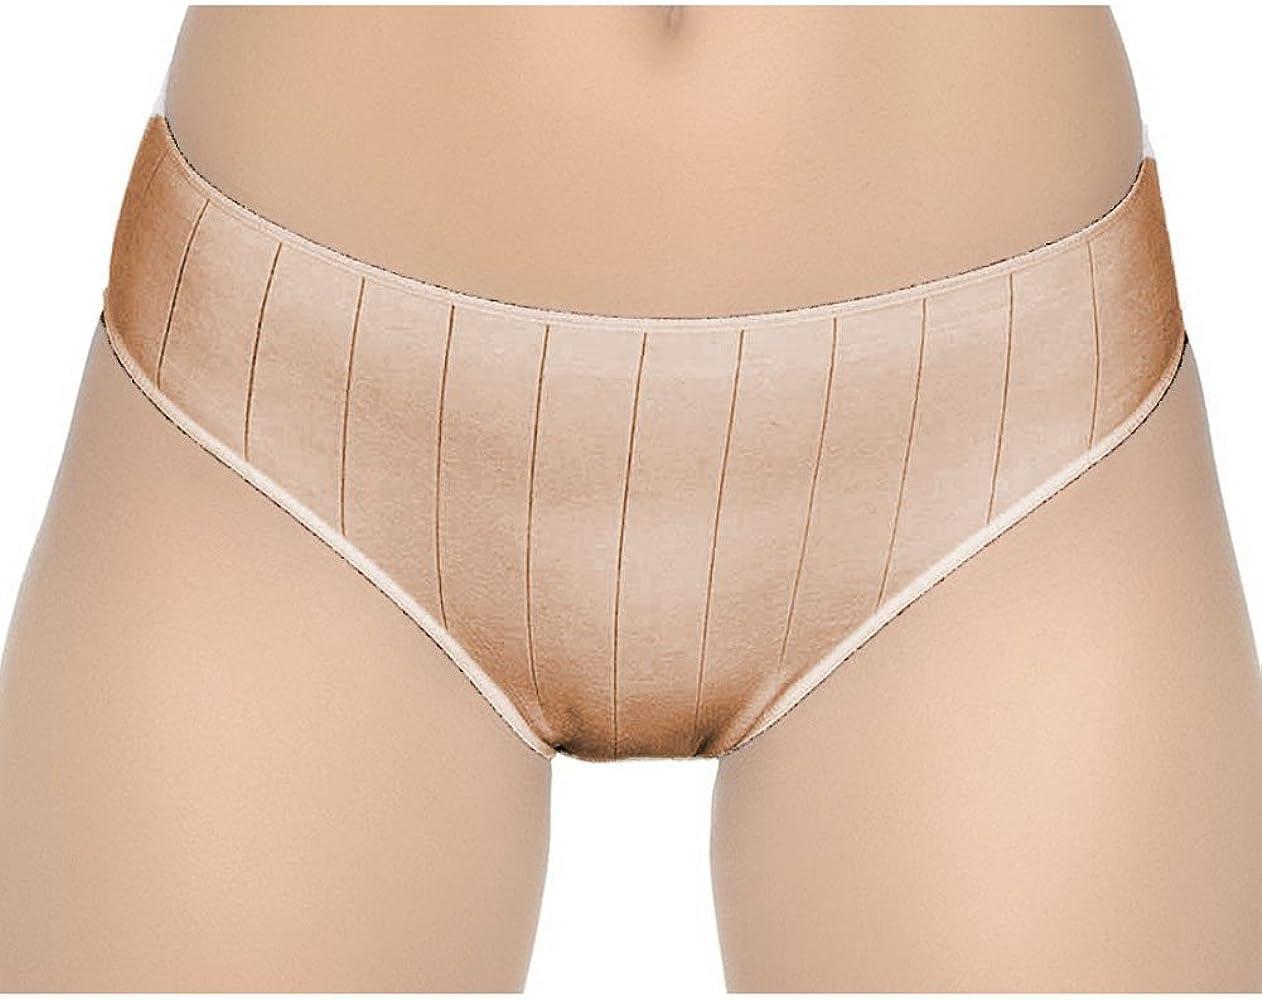 Naiara Bikini de Mujer Modelo 200 - Blanco, M: Amazon.es: Ropa y ...